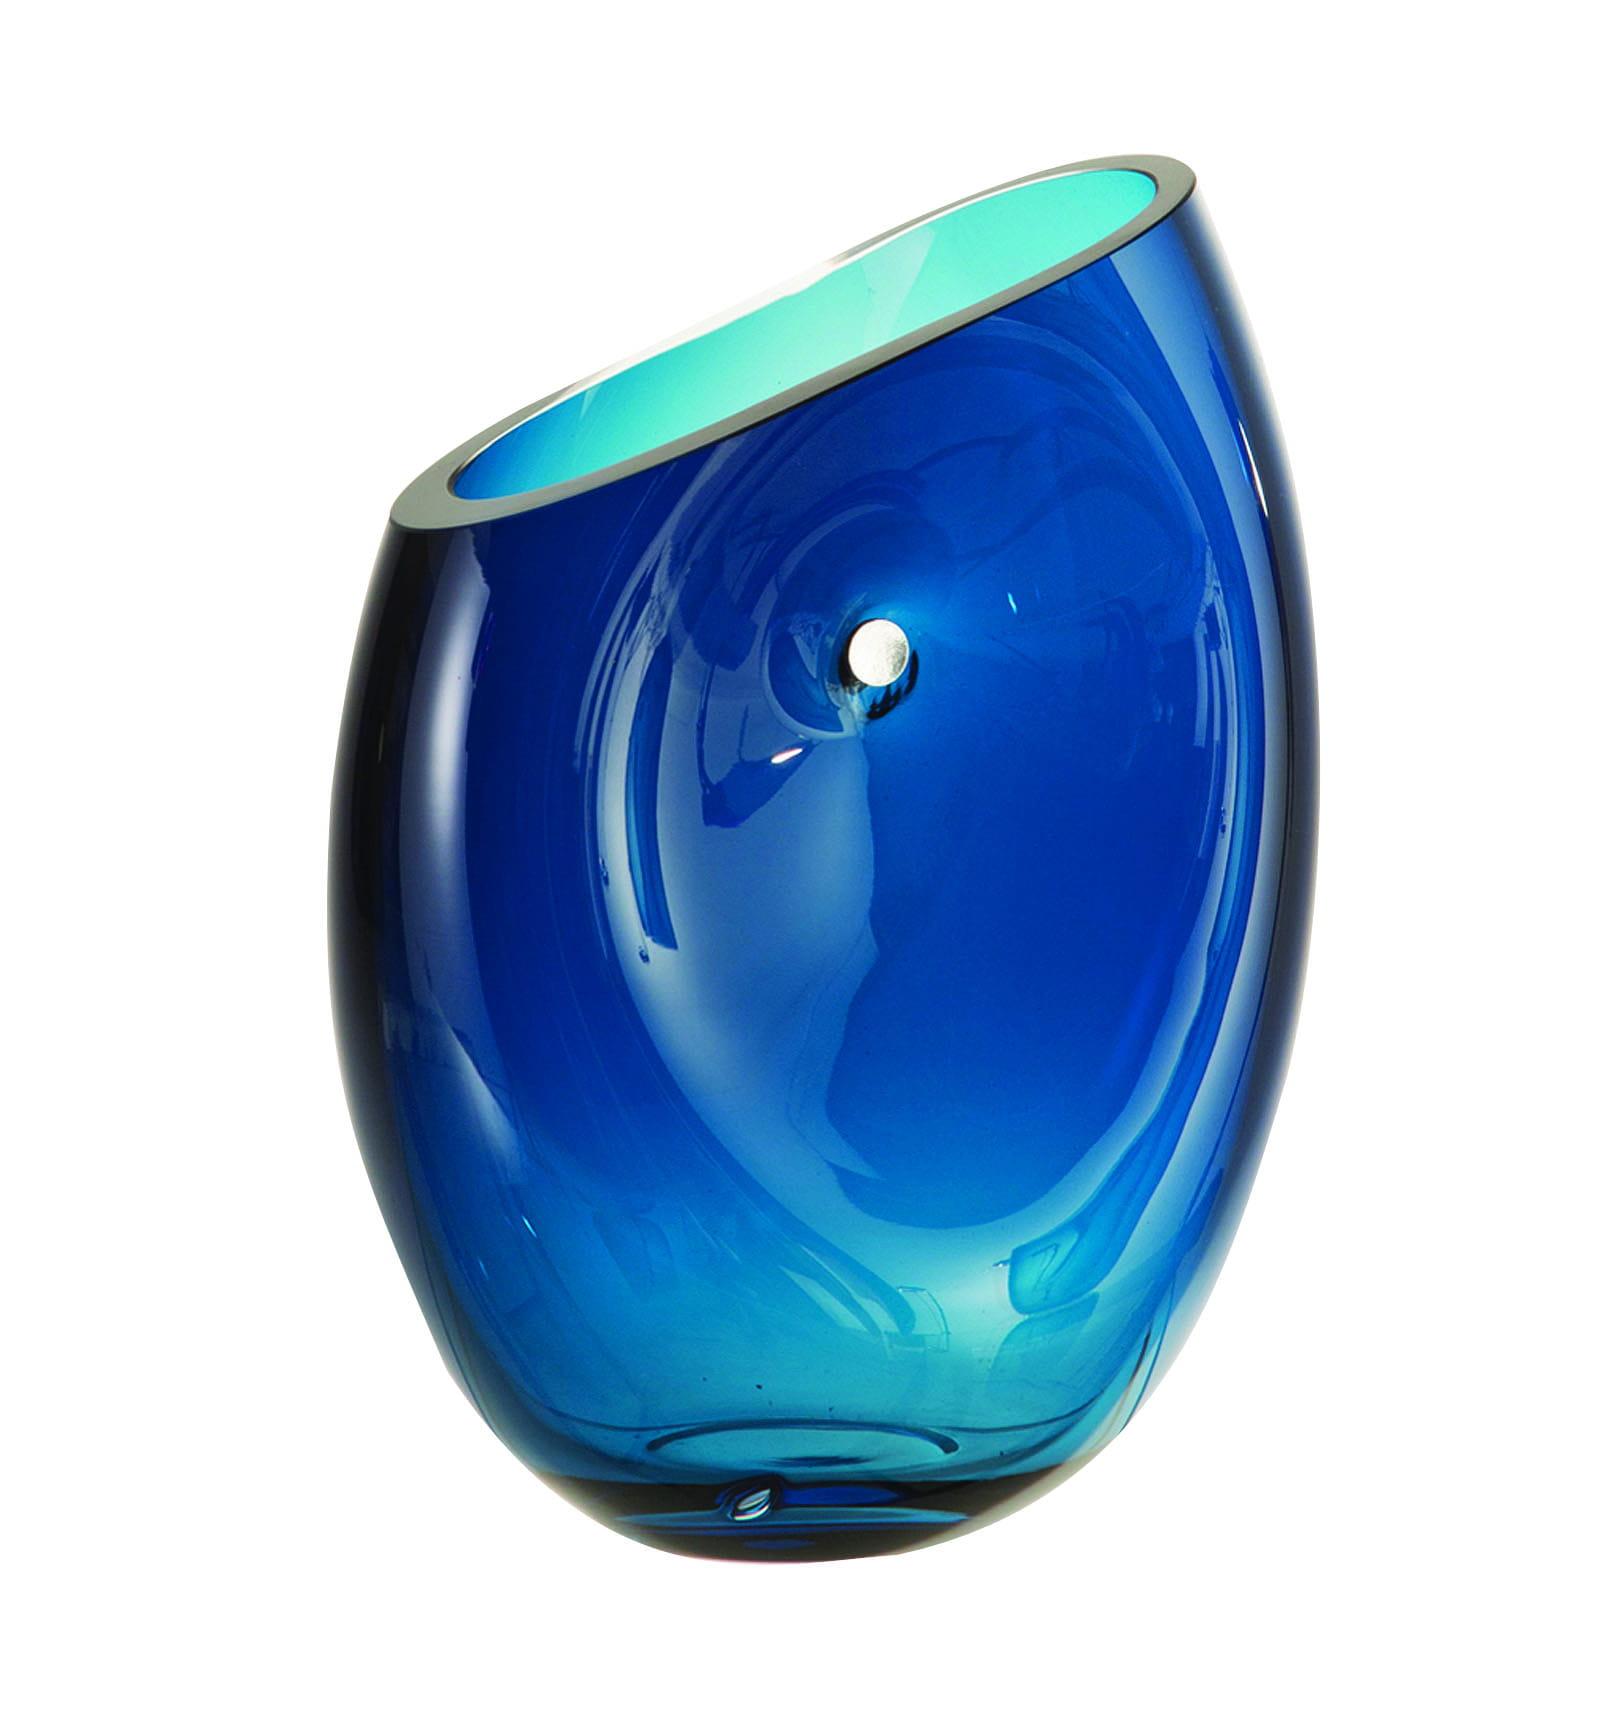 Vase nellblox bleu de roche bobois le vase en verre for Objet deco bleu